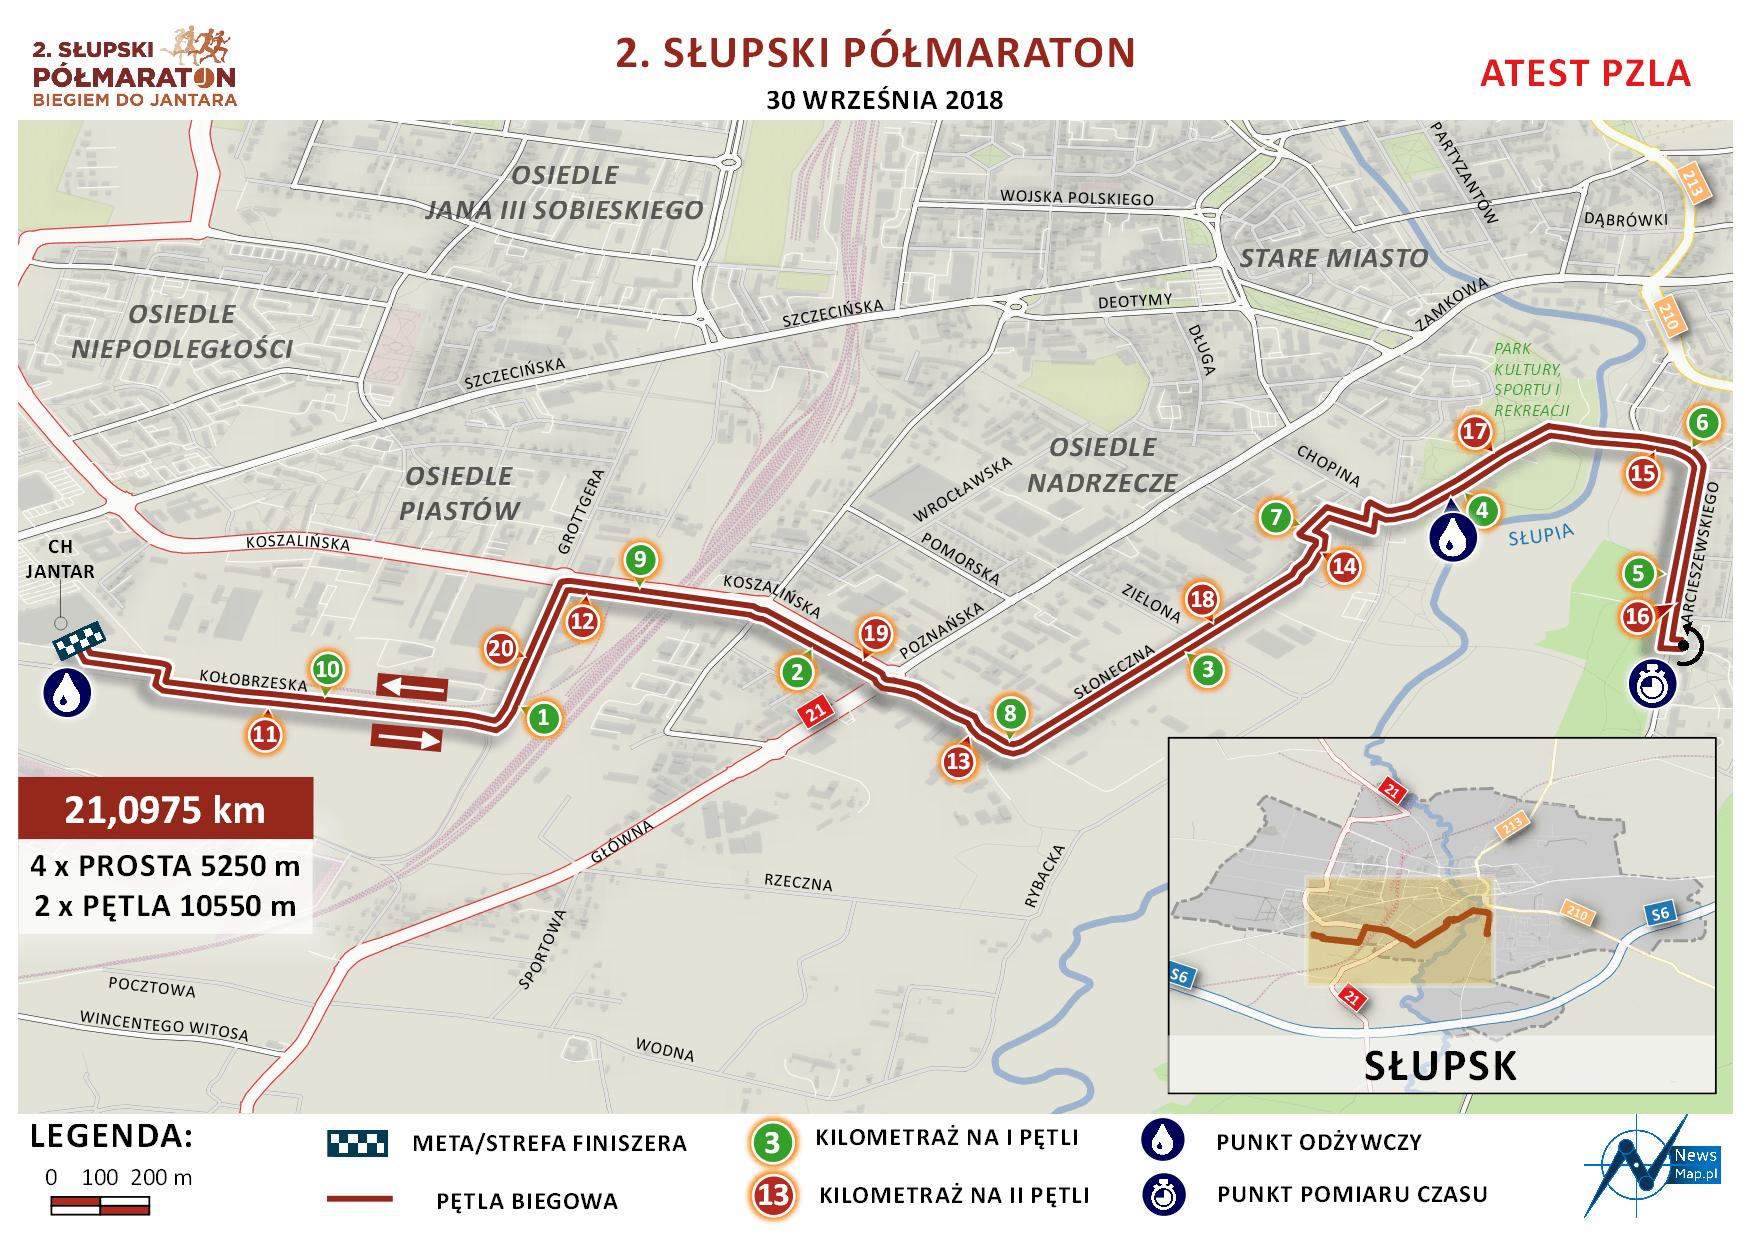 Mapa statyczna 2. Słupski Półmaraton (on-line)